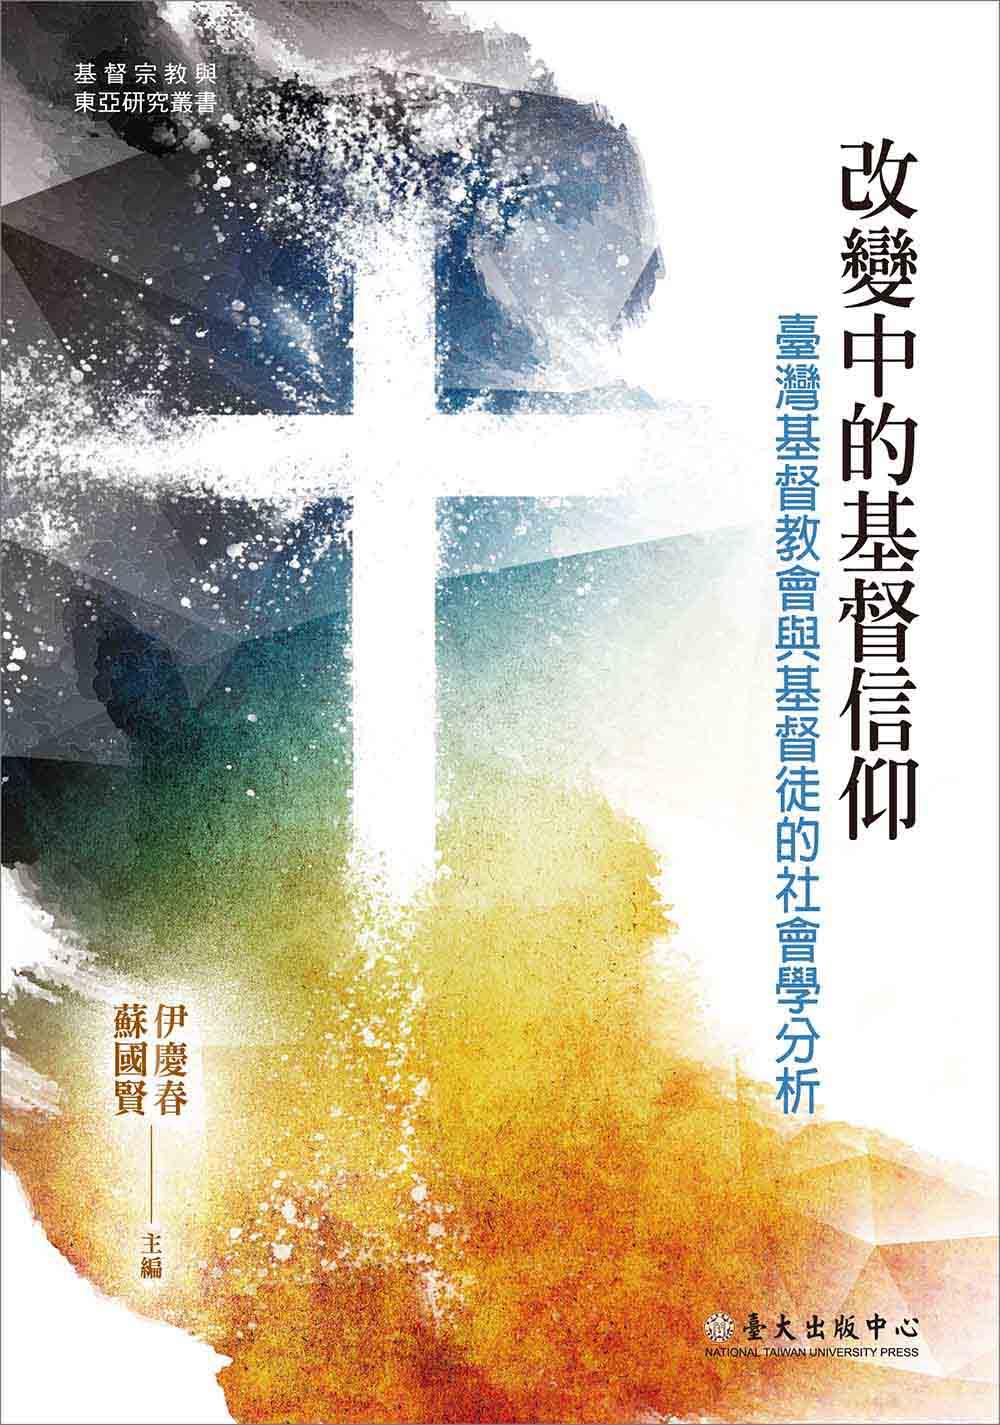 改變中的基督信仰──臺灣基督教會與基督徒的社會學分析